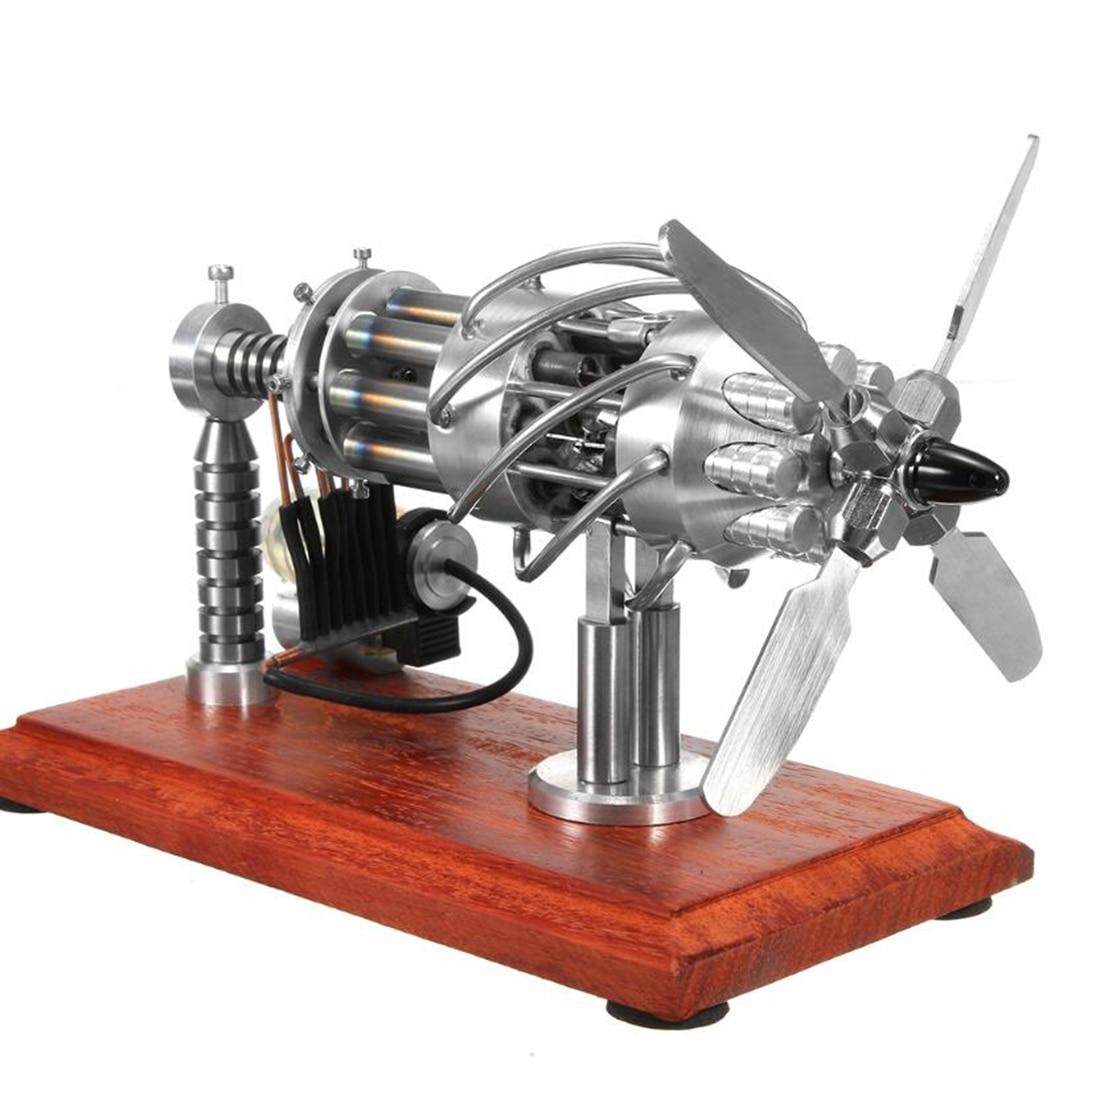 Modelo de Motor Stirling de aire caliente 16 cilindros Placa de lavado Física Juguetes educativos para niños juguetes de regalo científico 2018  de plata-in Kits de construcción de maquetas from Juguetes y pasatiempos    1